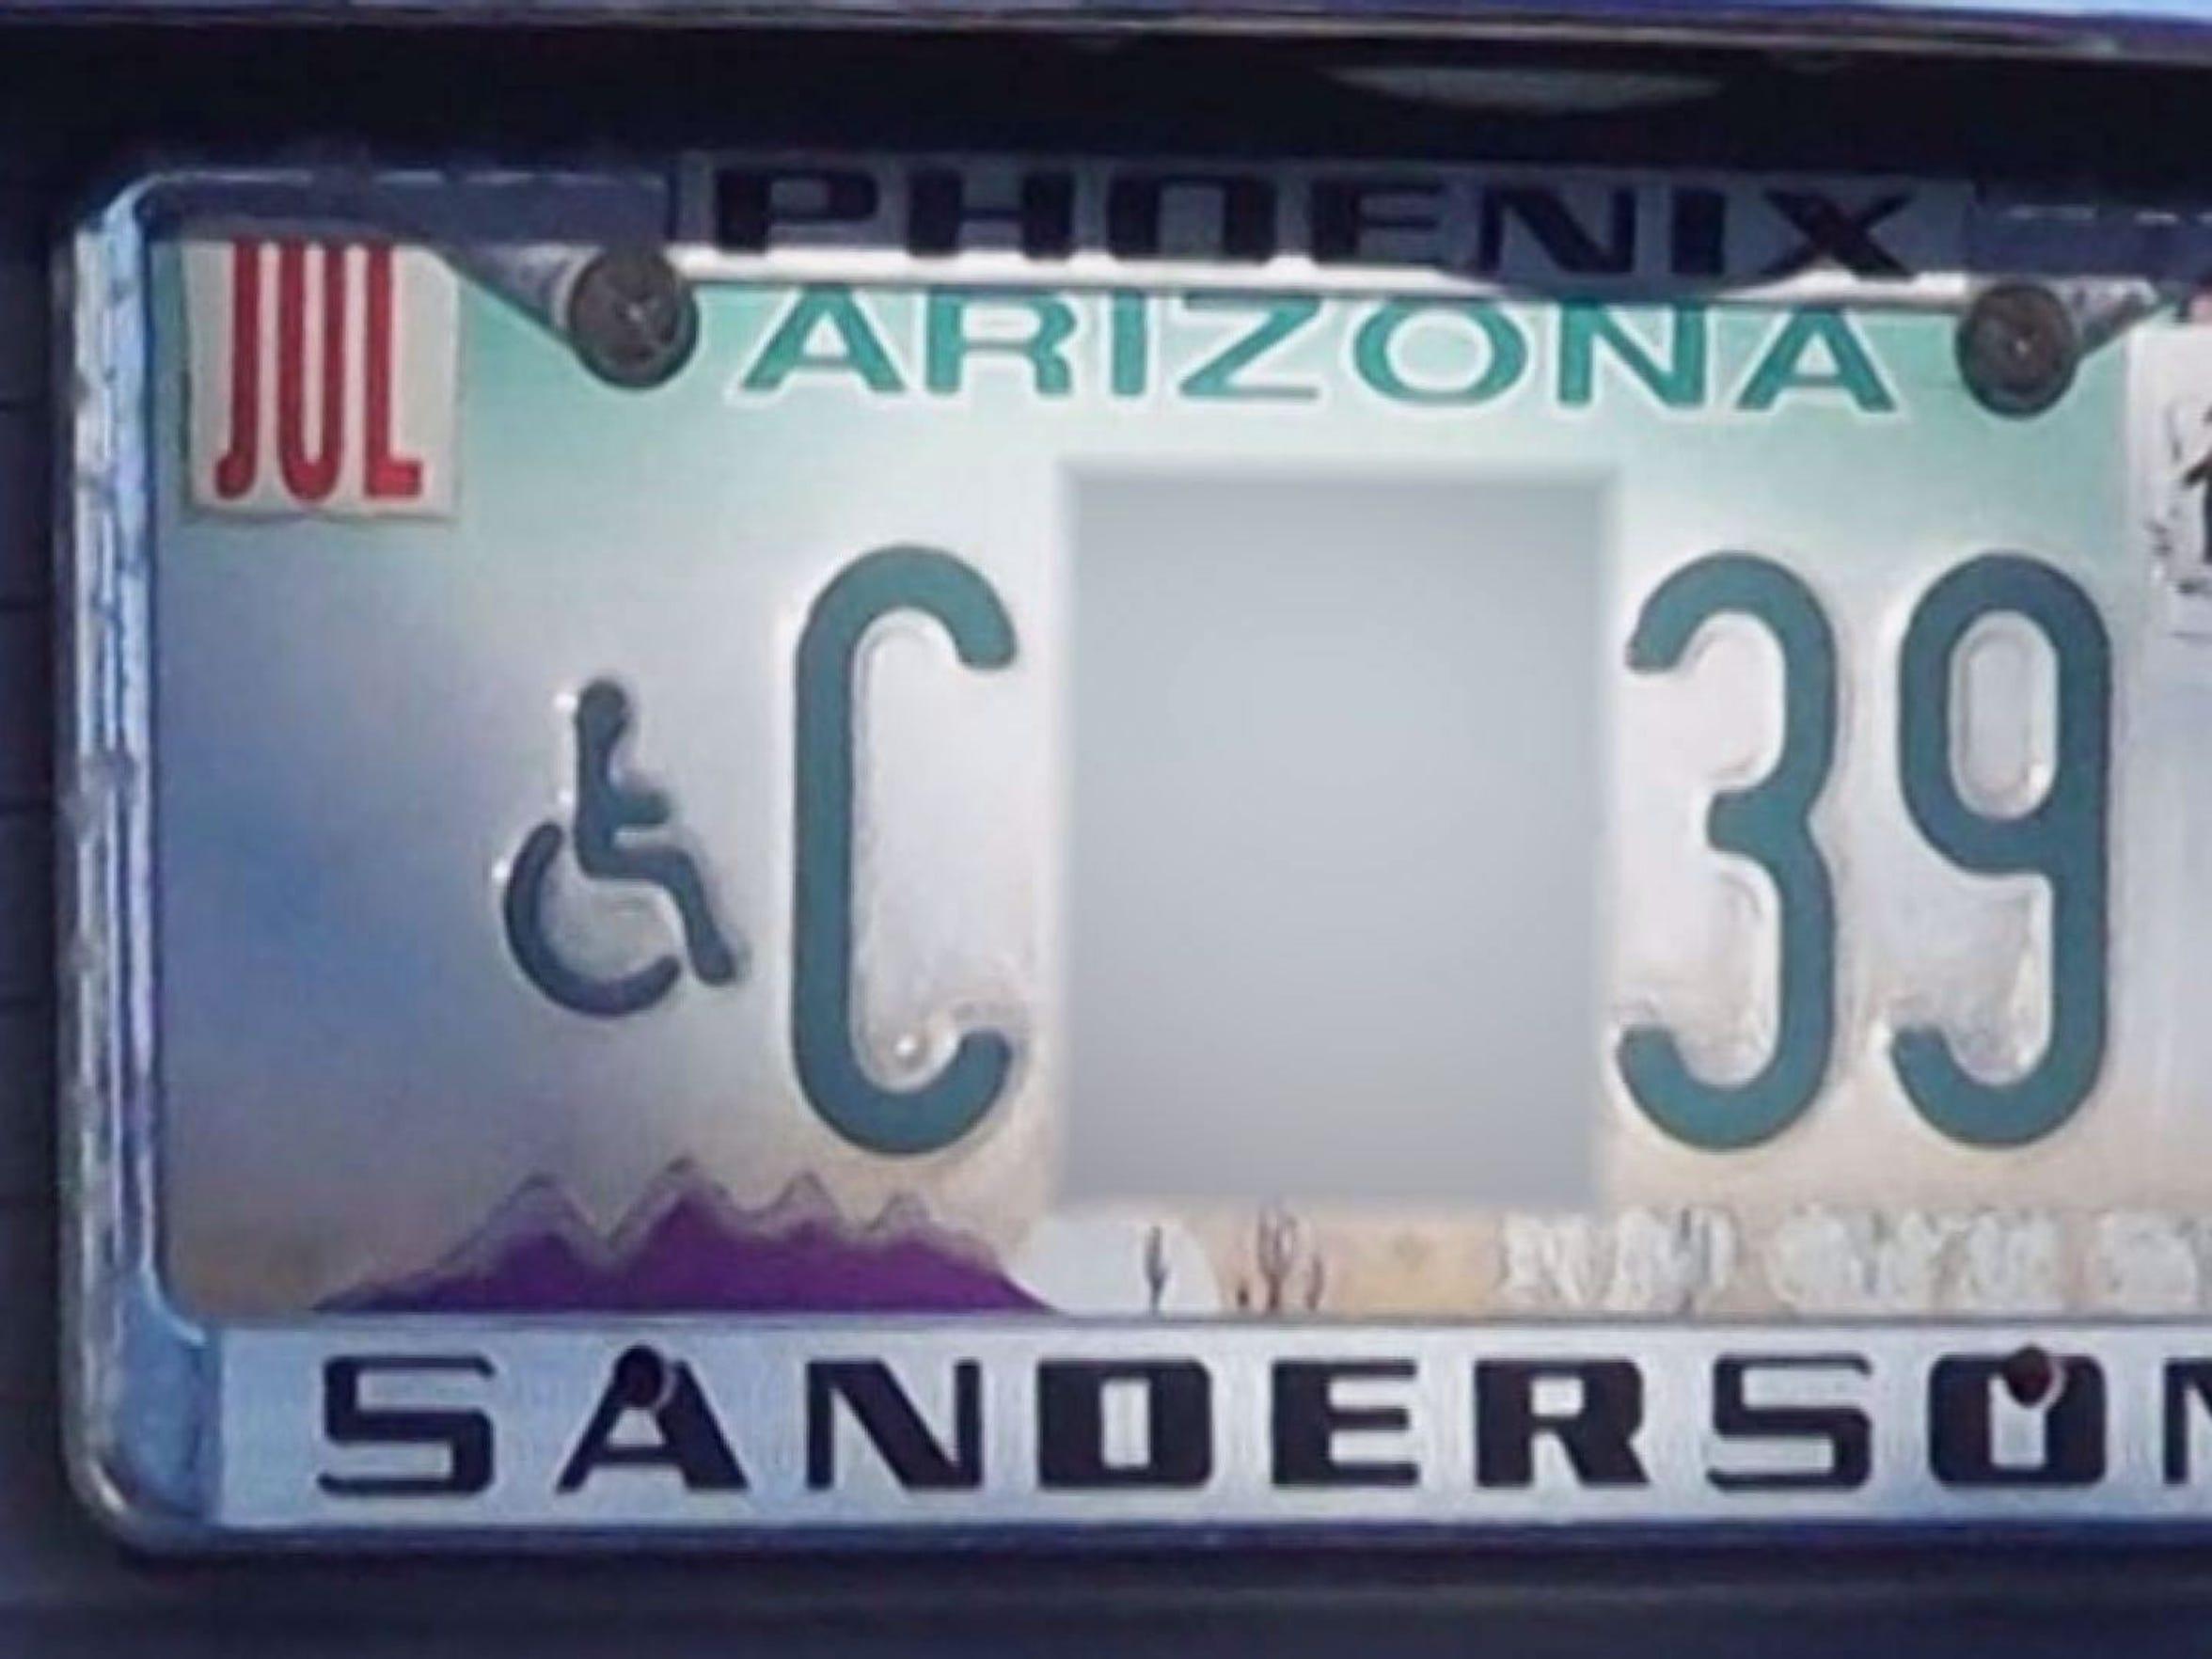 John Larson's license plate.